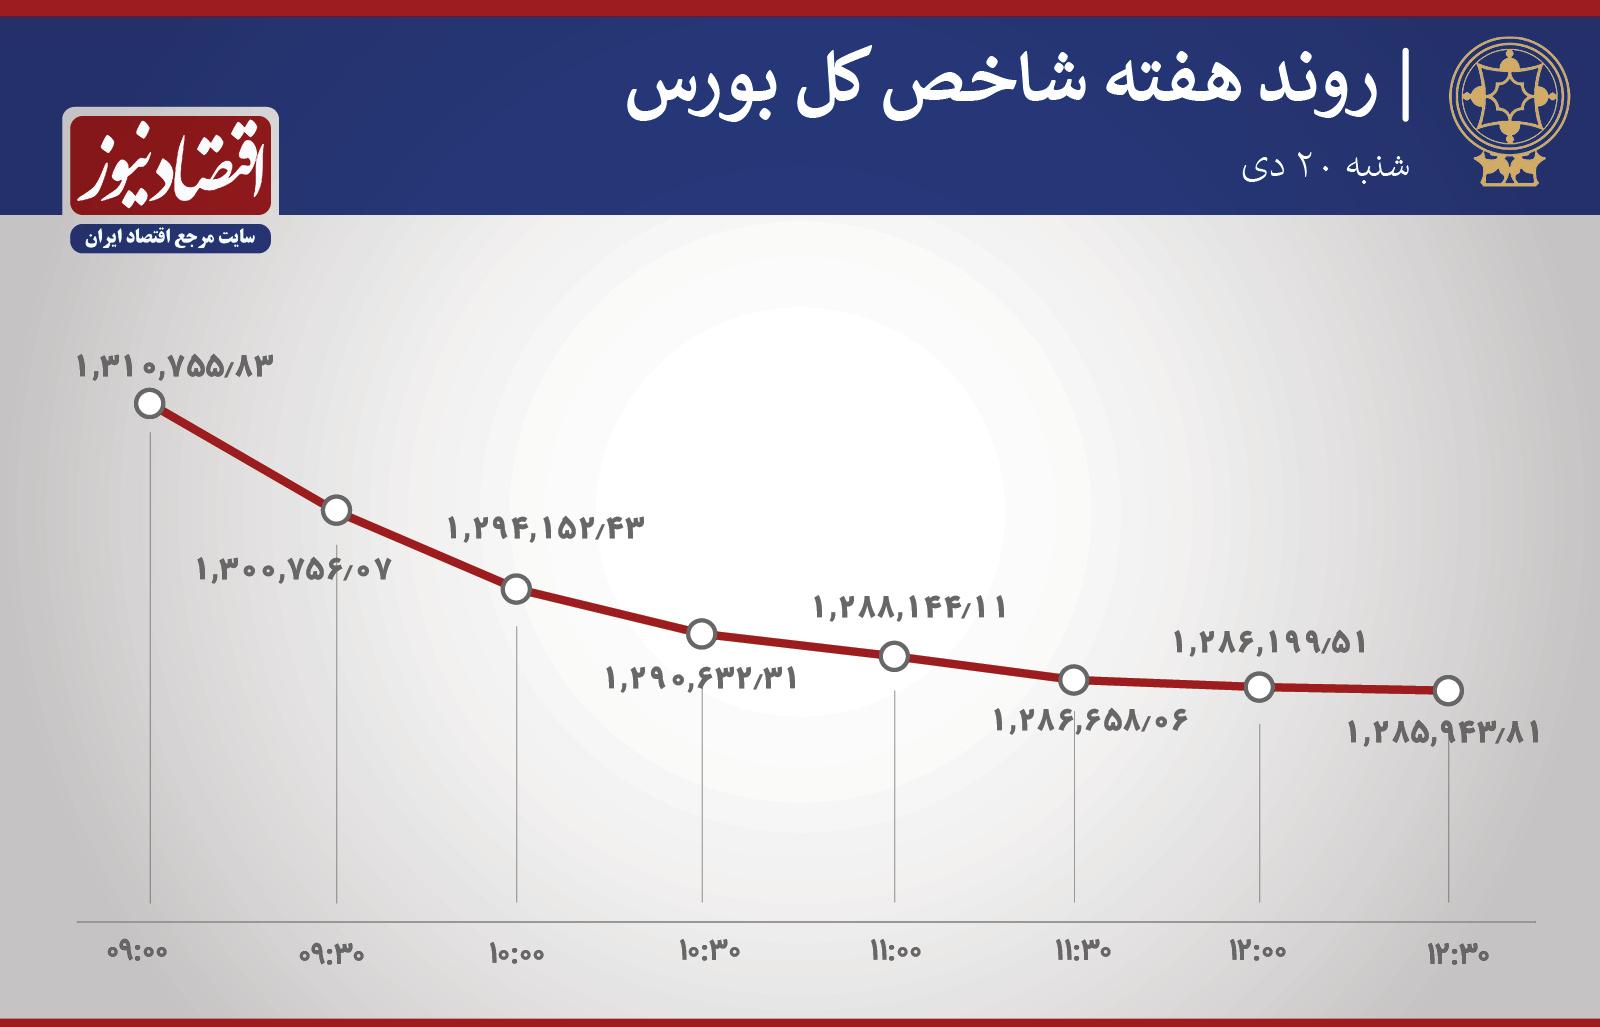 سقوط ۵۳ در بورس تهران + نمودار